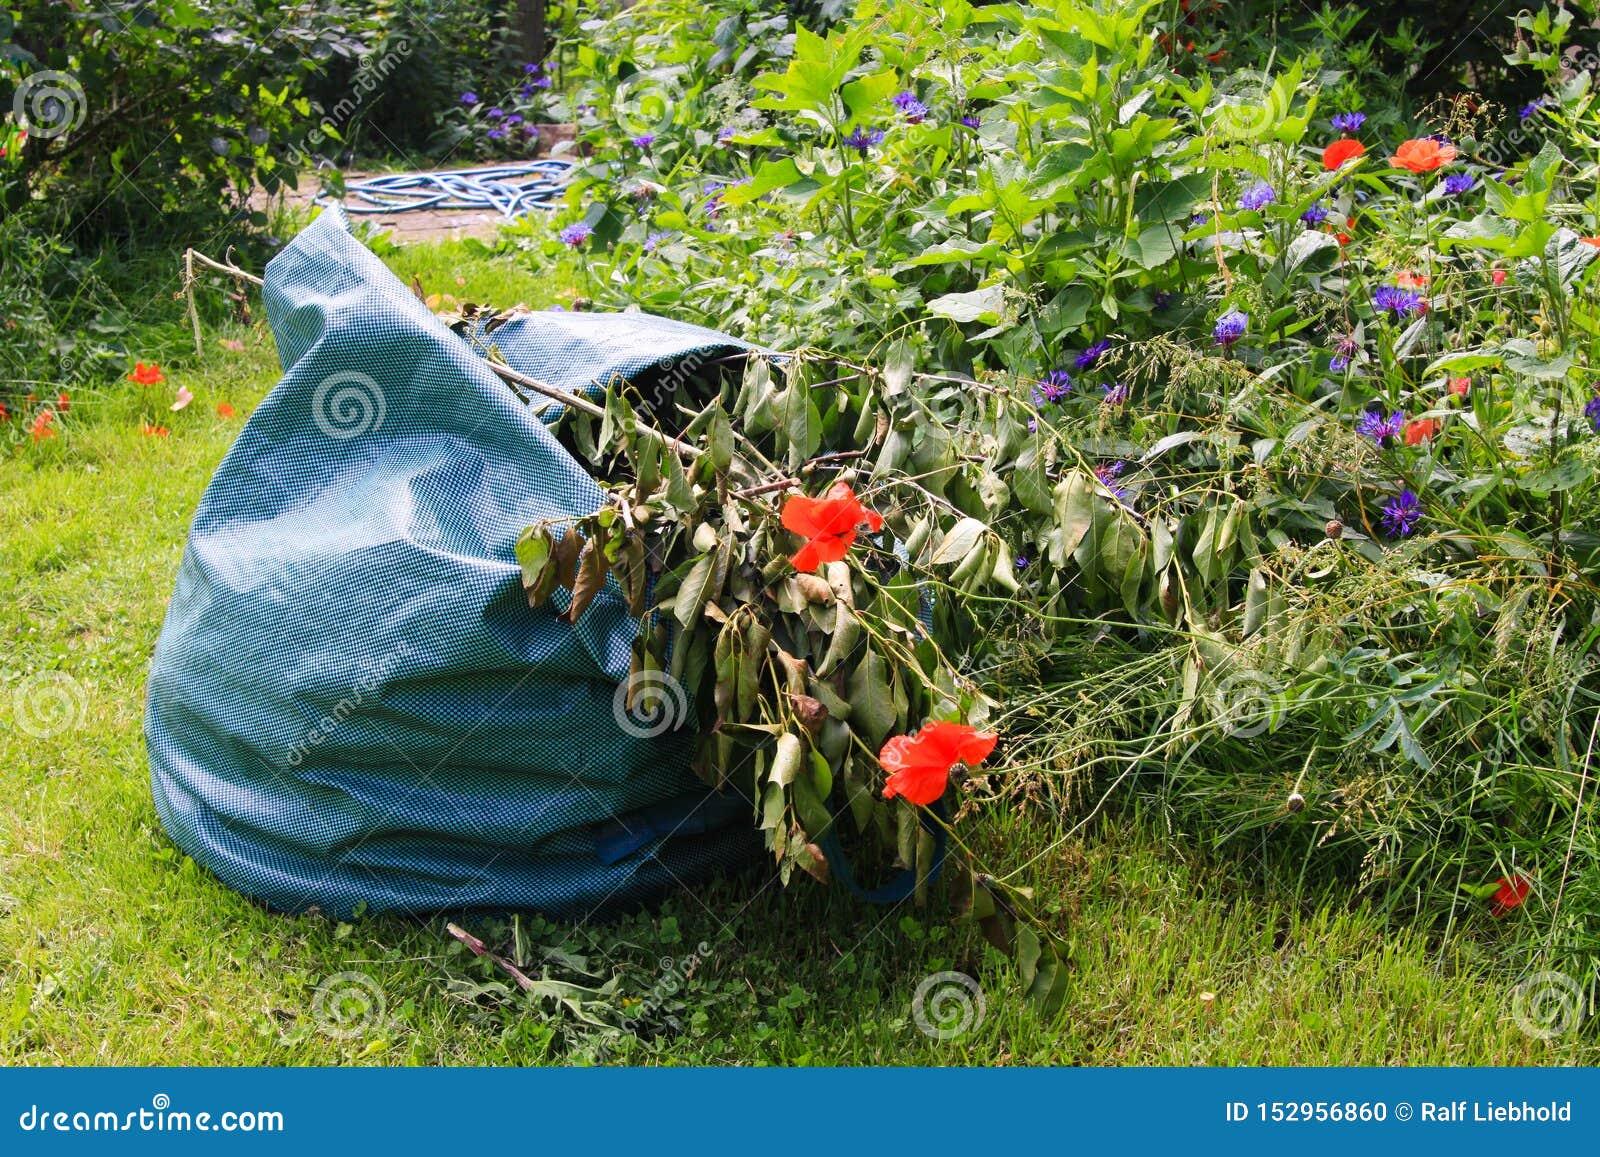 Feche acima do saco com desperdício do jardim na grama verde com as flores durante a jardinagem